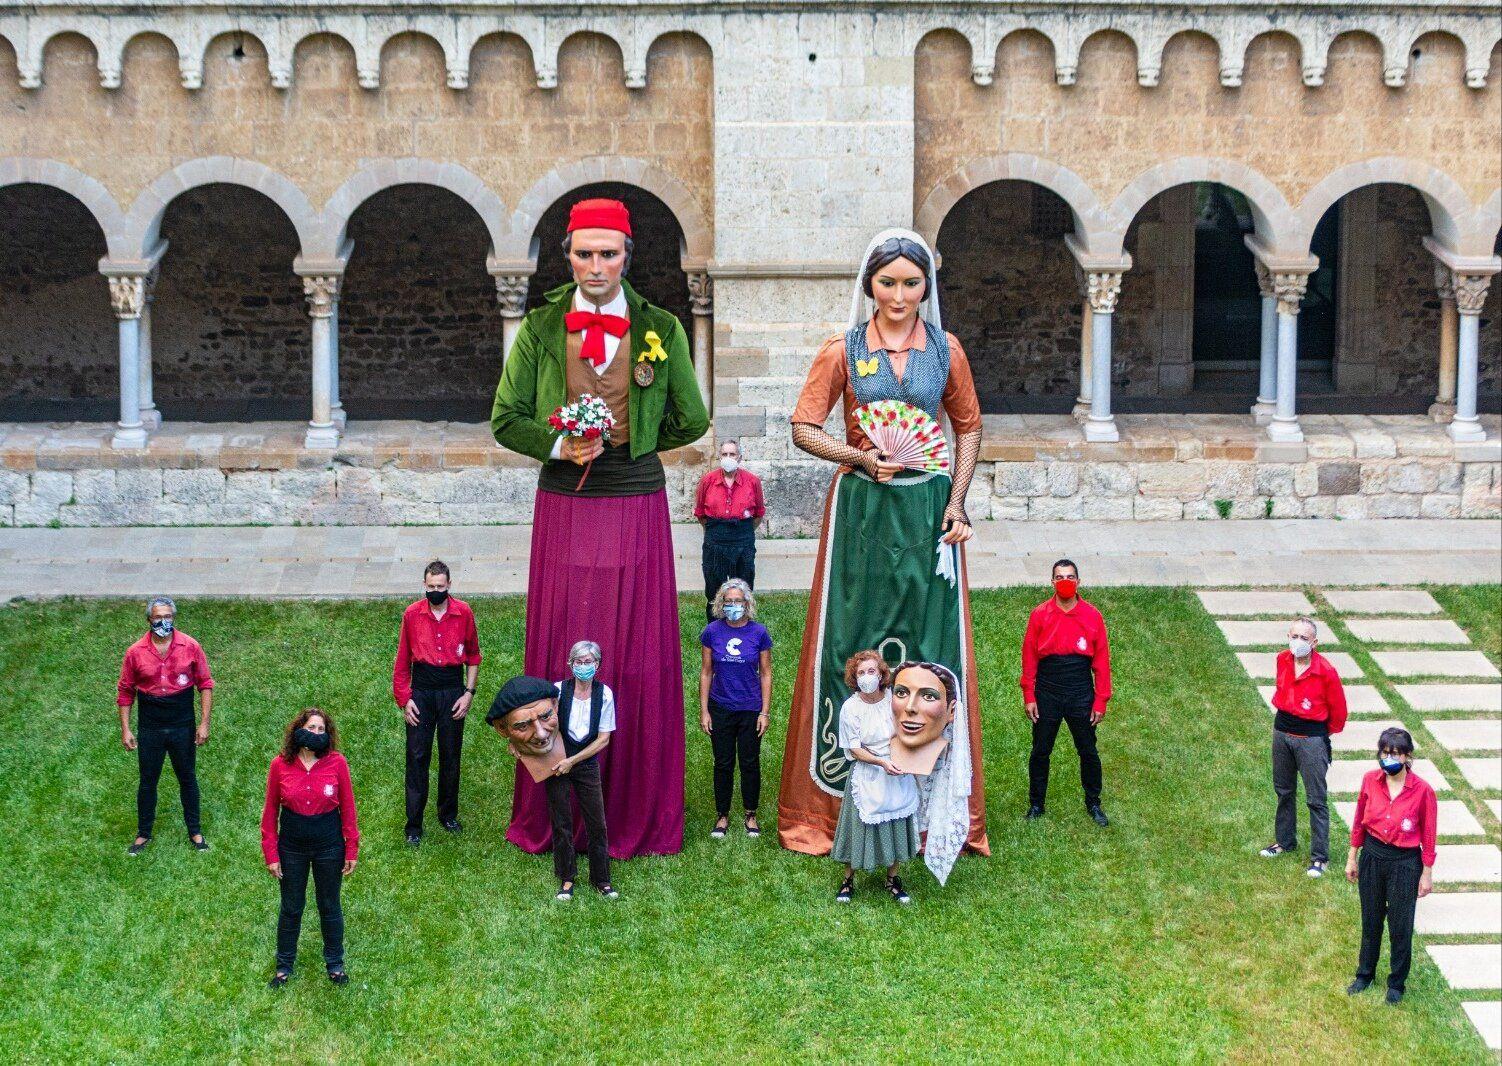 Els Geganters de Sant Cugat va fer el ball del 'Paga-li, Joan', en el marc de la Festa Major